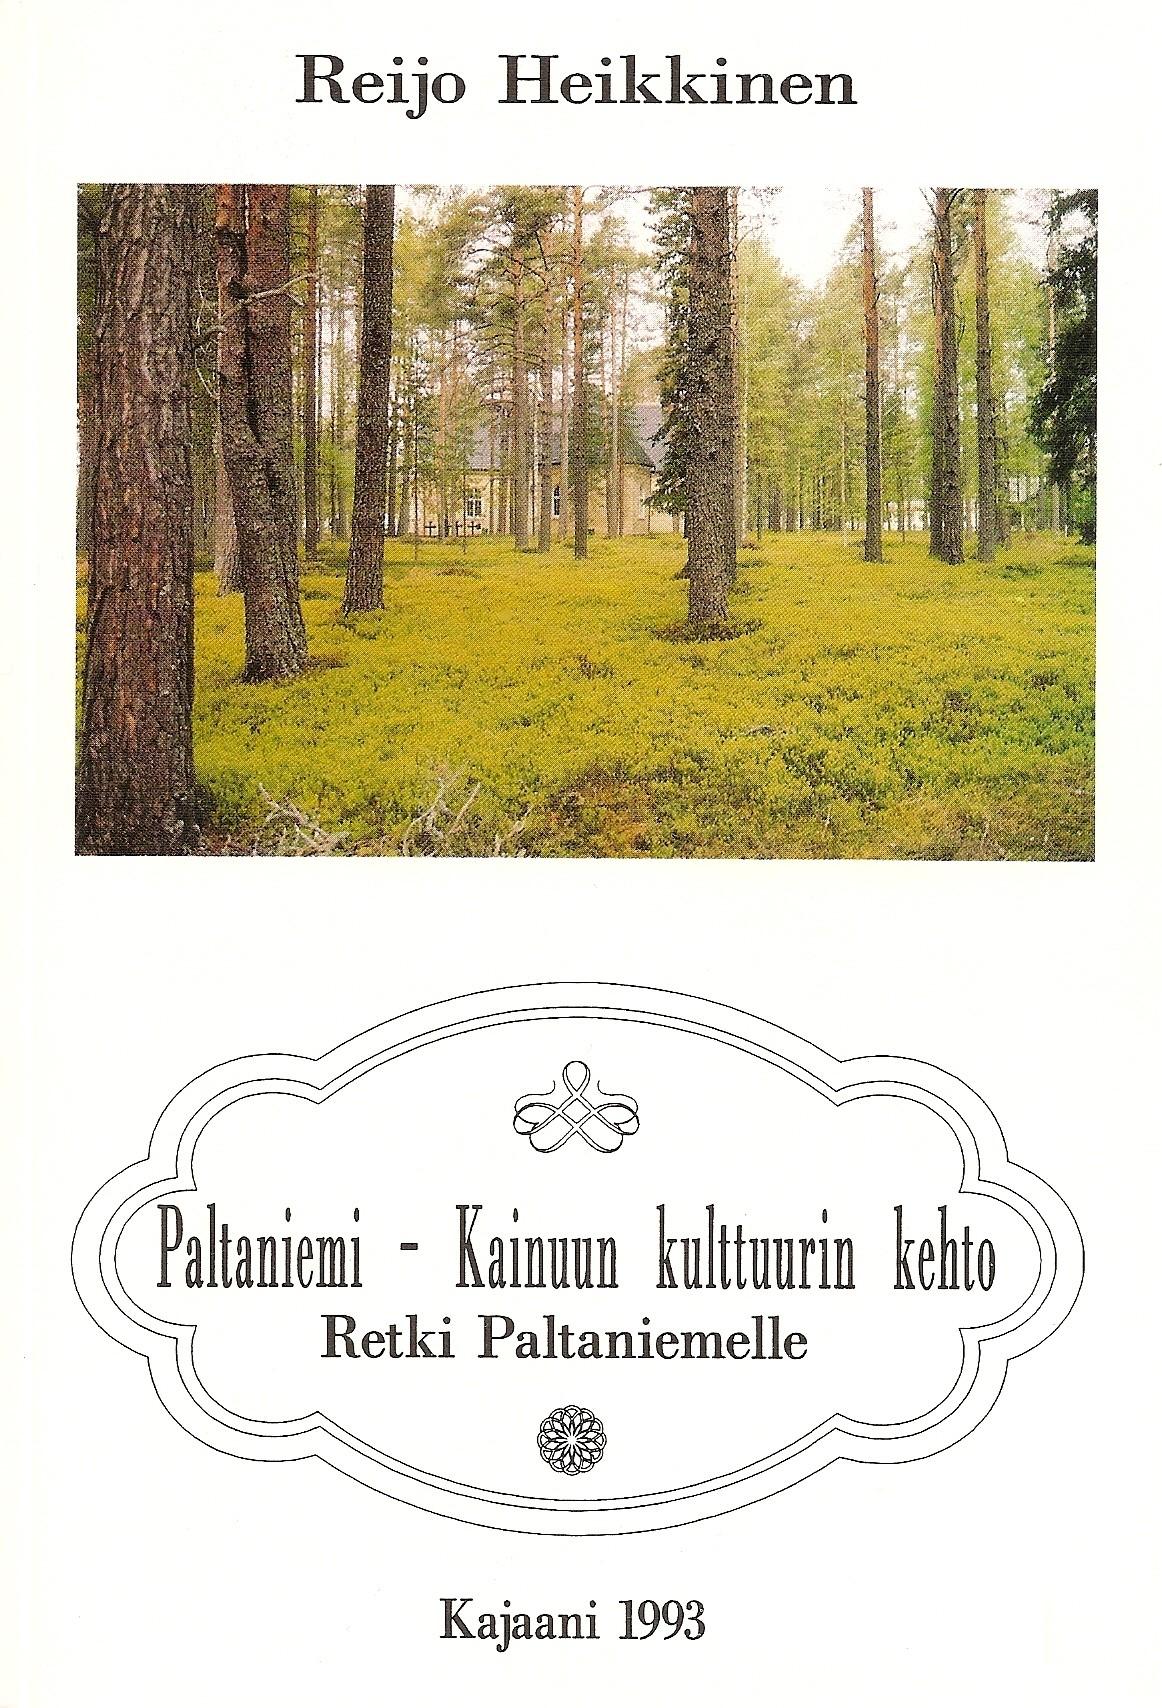 Paltaniemi - Kainuun kulttuurin kehto 1993